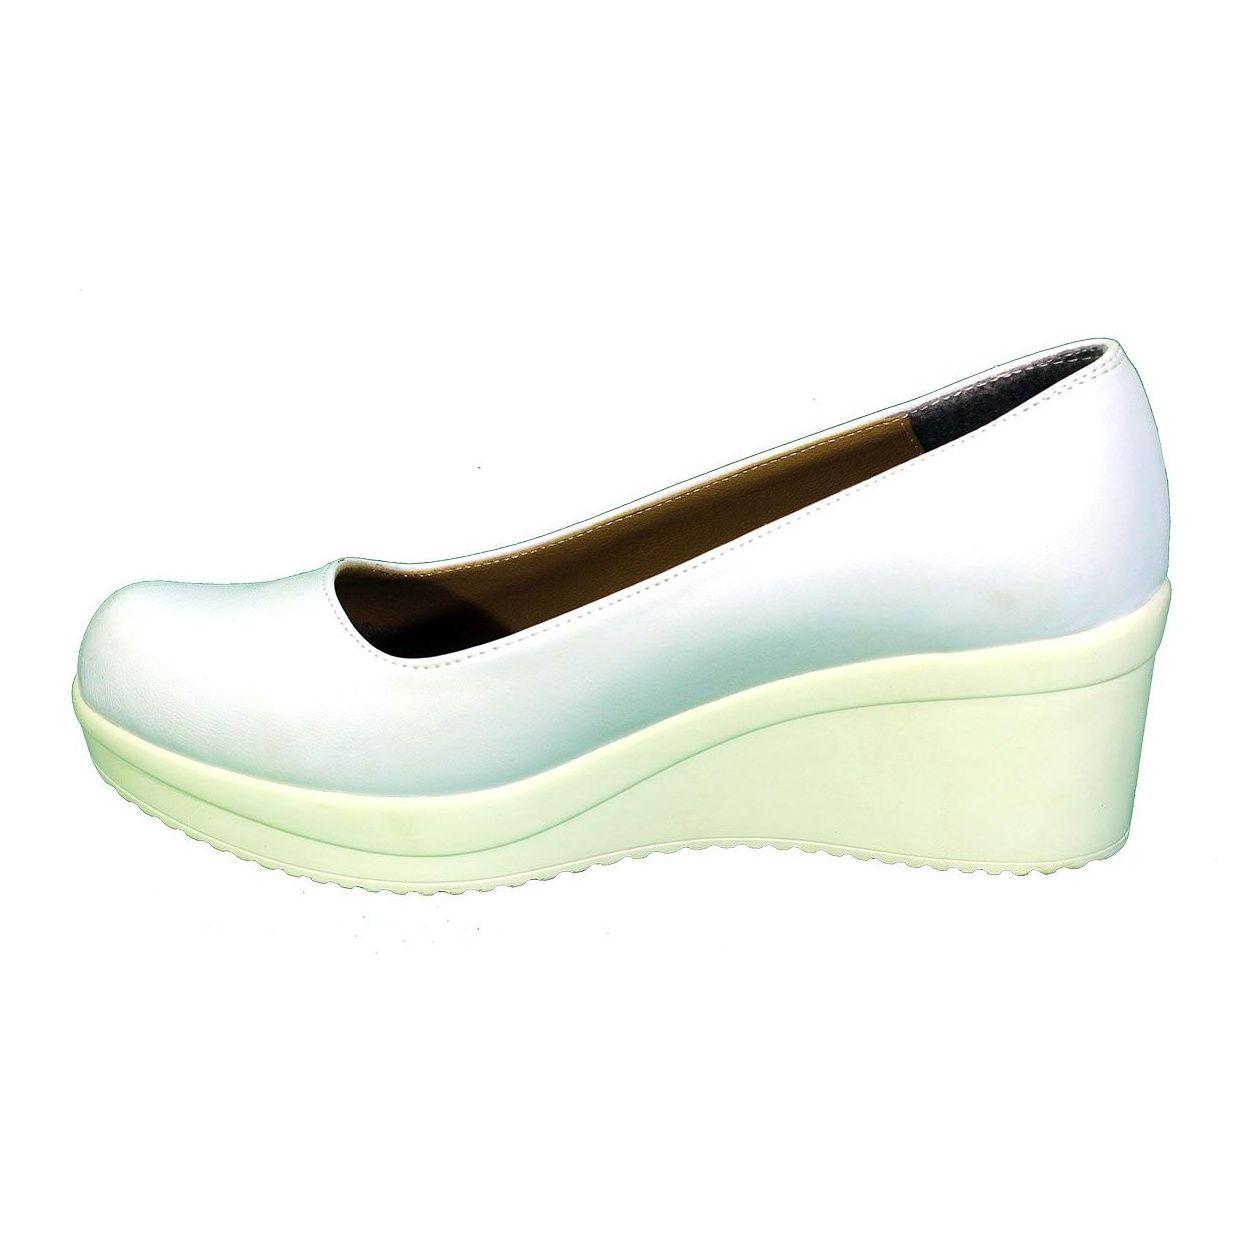 کفش طبی زنانه شهرام طب مدل 2093 کد 1 main 1 3